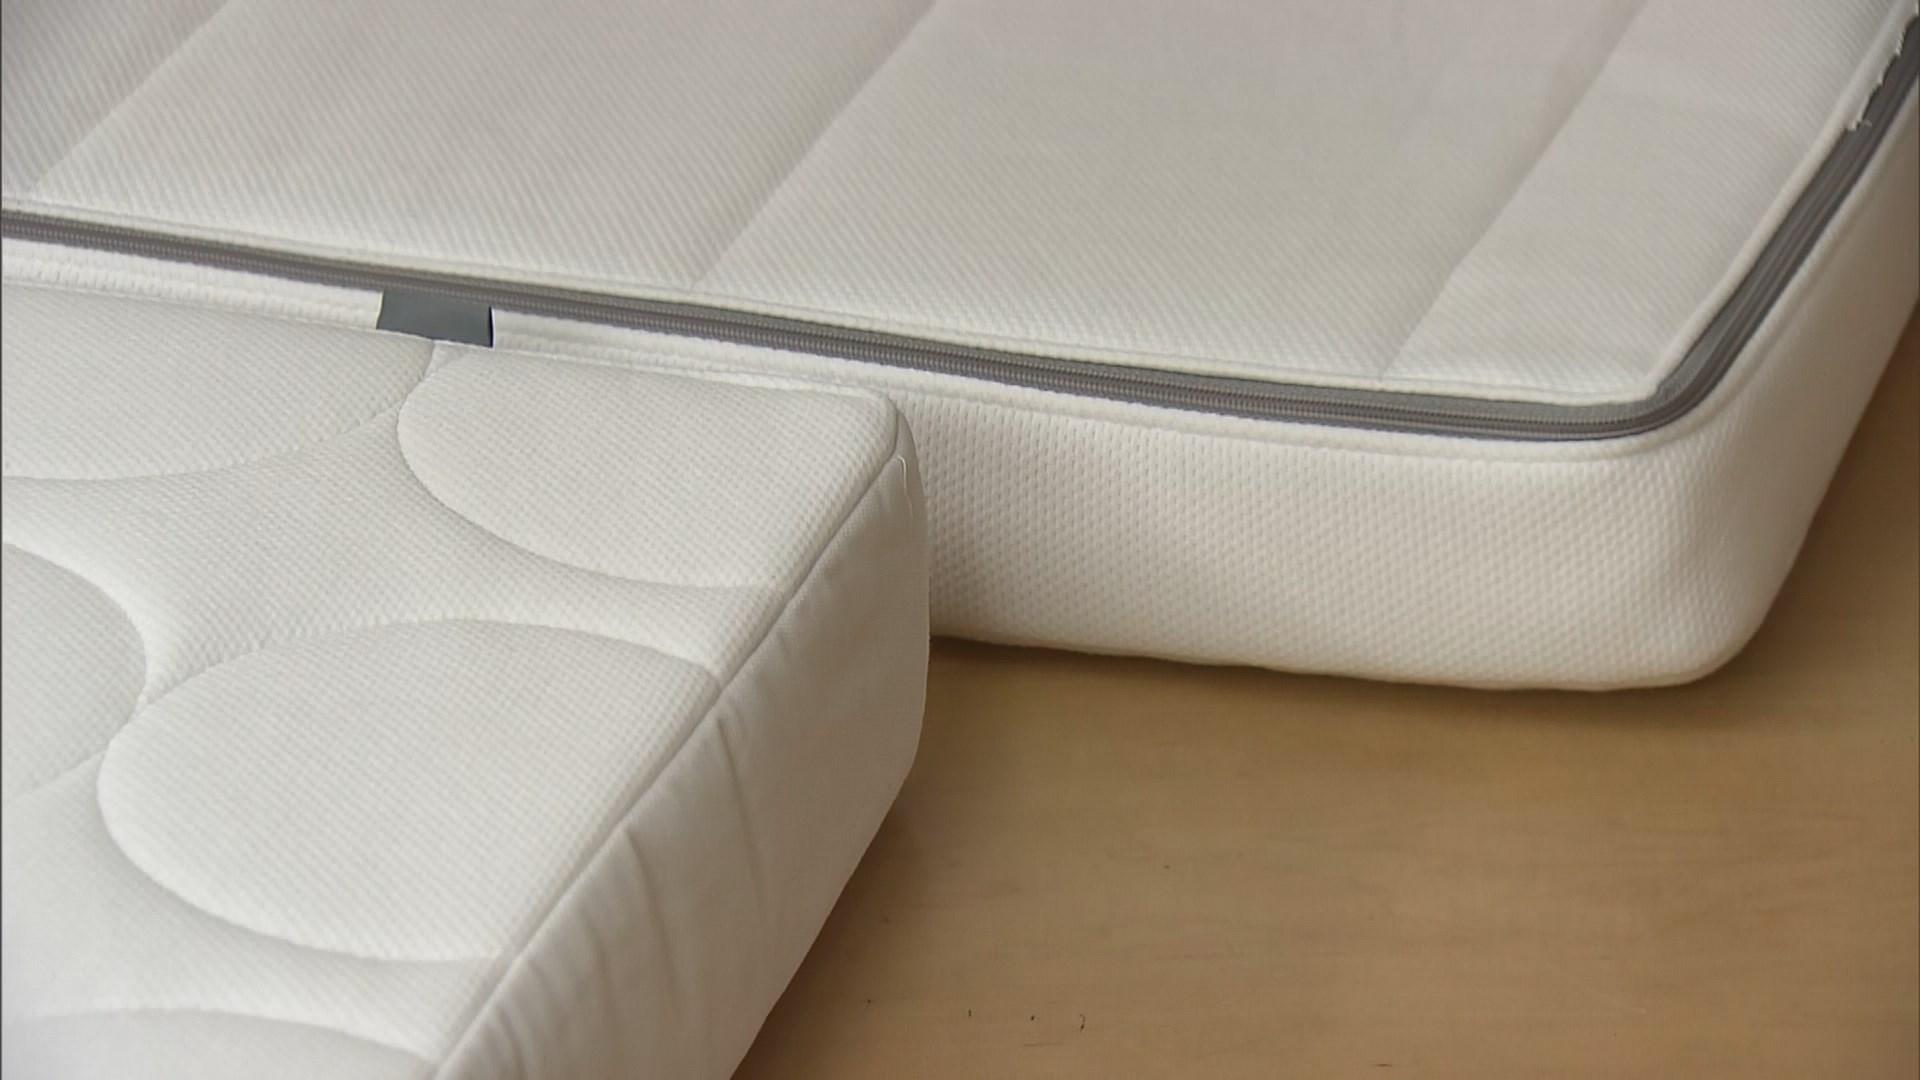 消委會:床架與床褥空隙過大或夾傷嬰兒